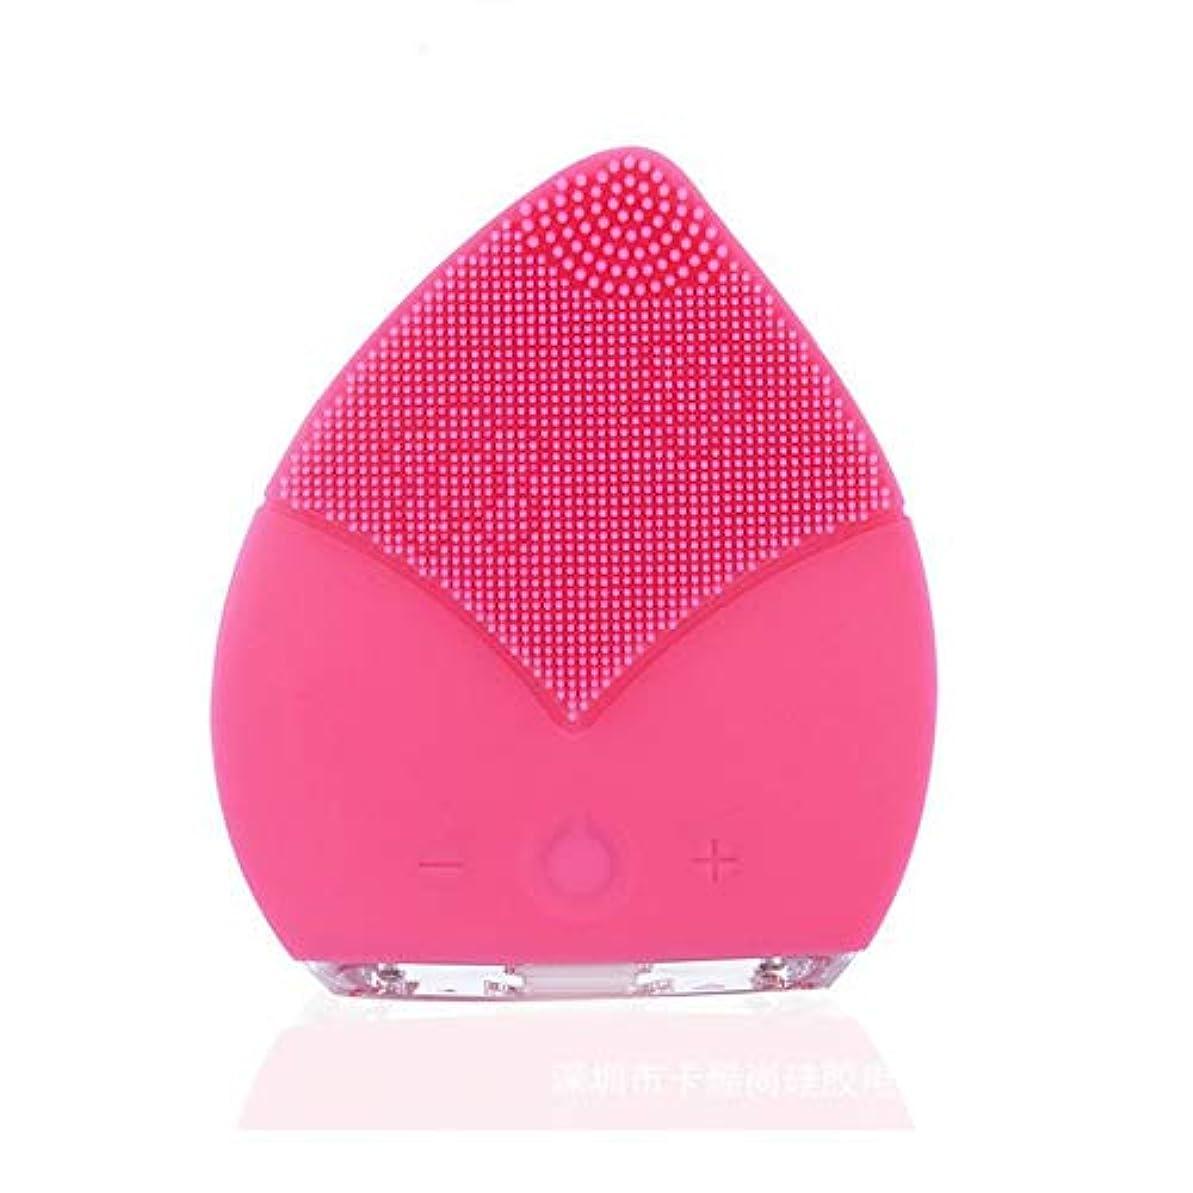 欠乏によって野心ZXF コンパクトポータブルクリーニングポアクレンジング楽器電気シリコーンダブル振動クレンジングブラシ超音波防水ミュート美容機器 滑らかである (色 : Pink)